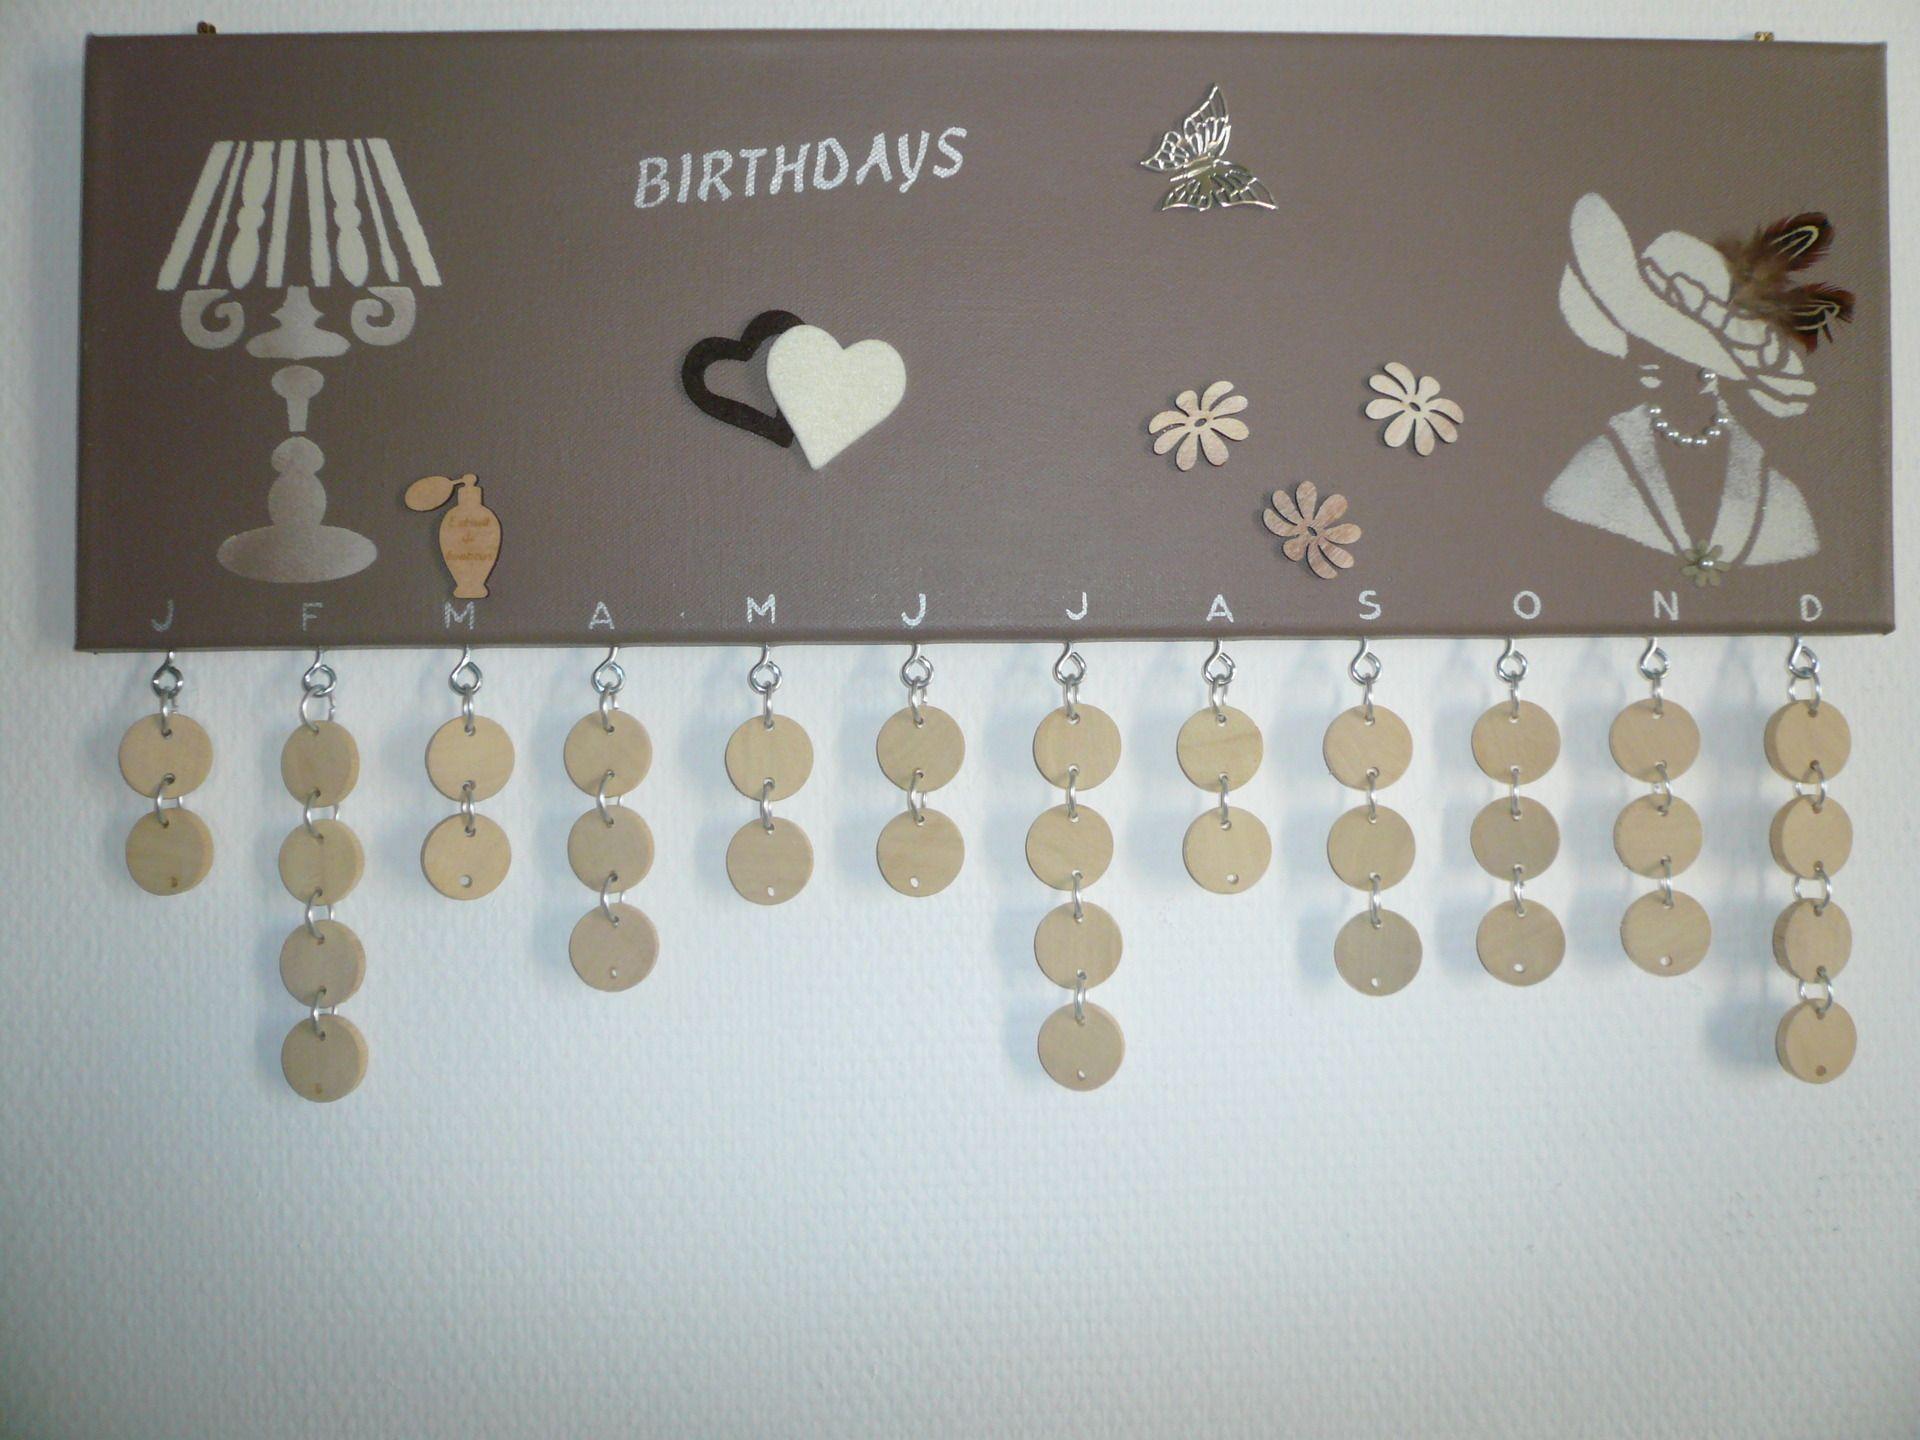 tableau avec un calendrier des anniversaires d corations murales par la caverne a martine. Black Bedroom Furniture Sets. Home Design Ideas